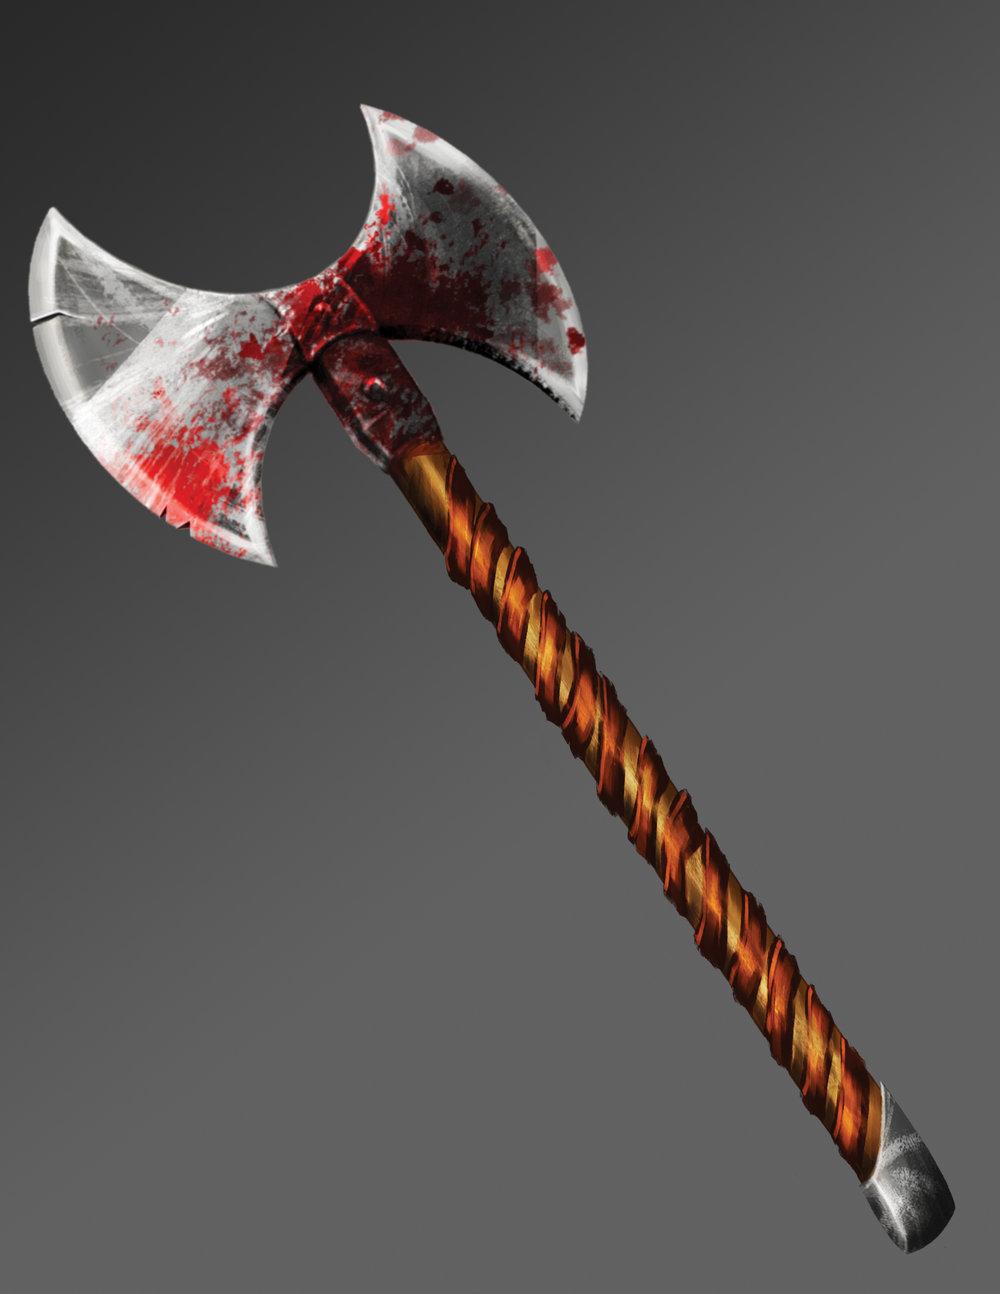 Viking axe - final render